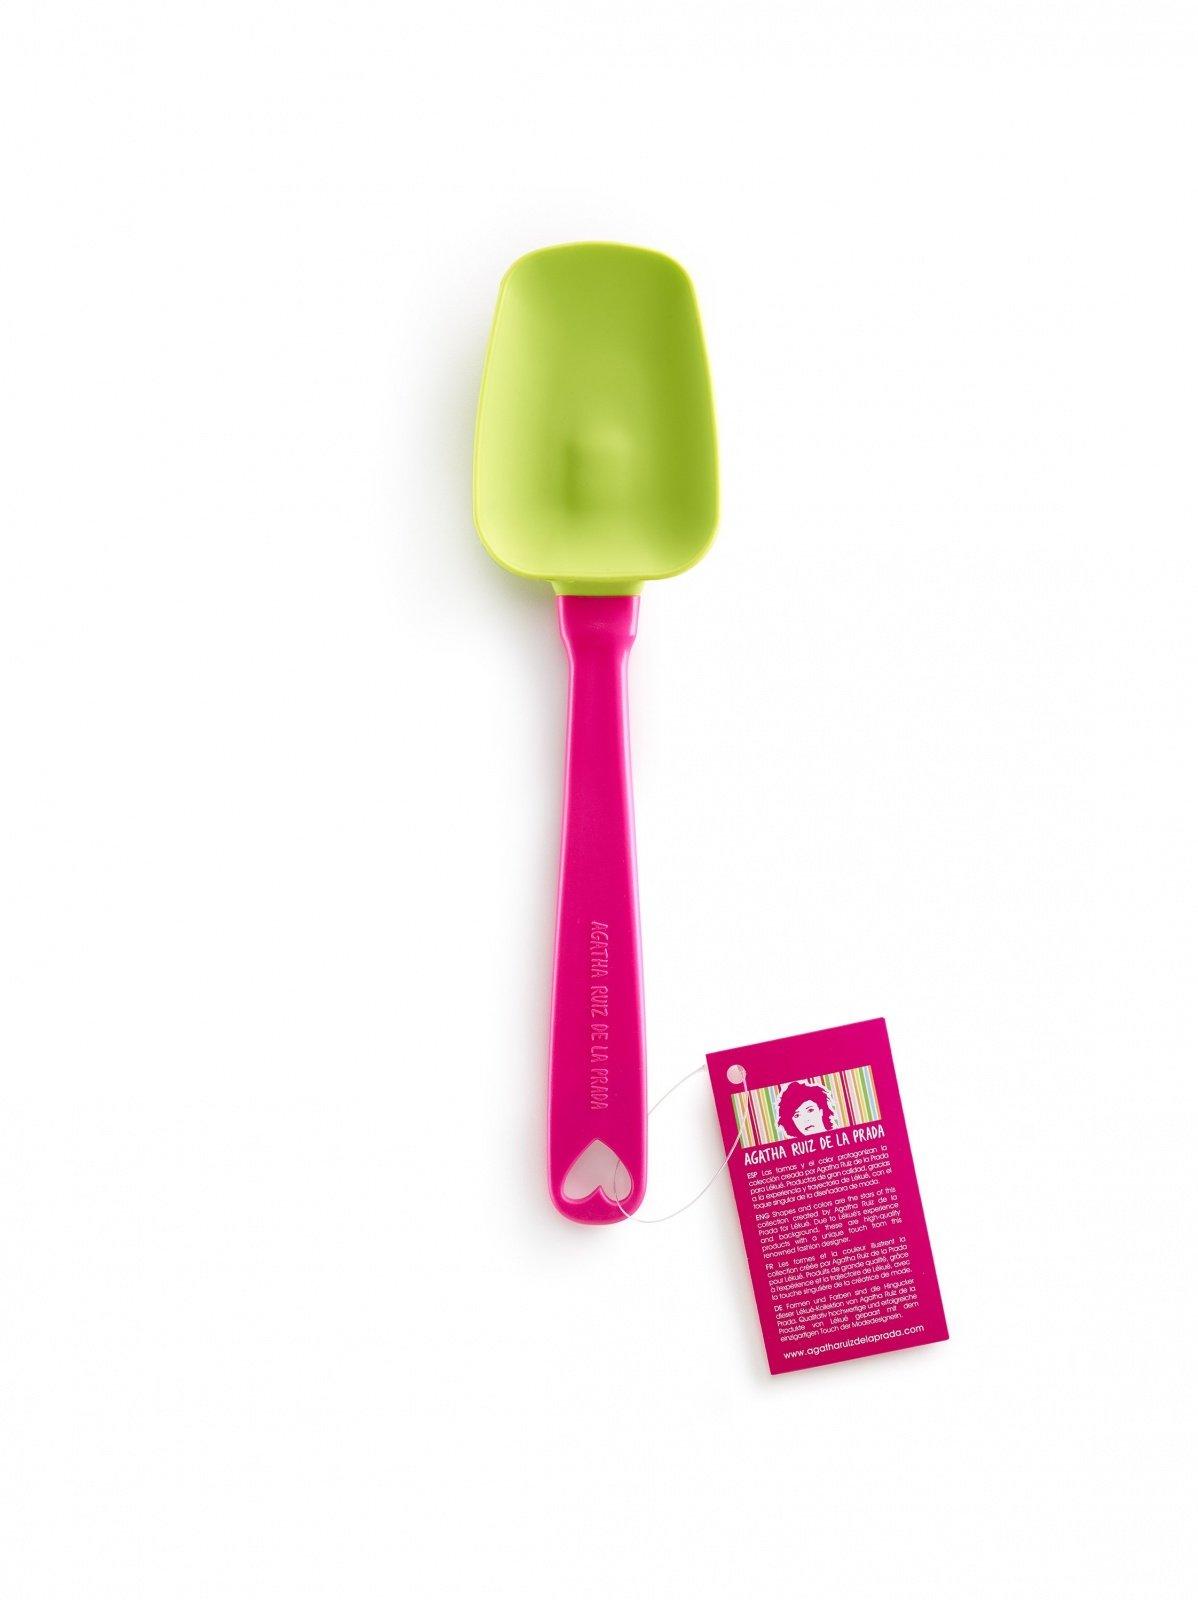 Ложка силиконовая AGATHA Lekue, салатовая, розовая ручка, 10,6 см